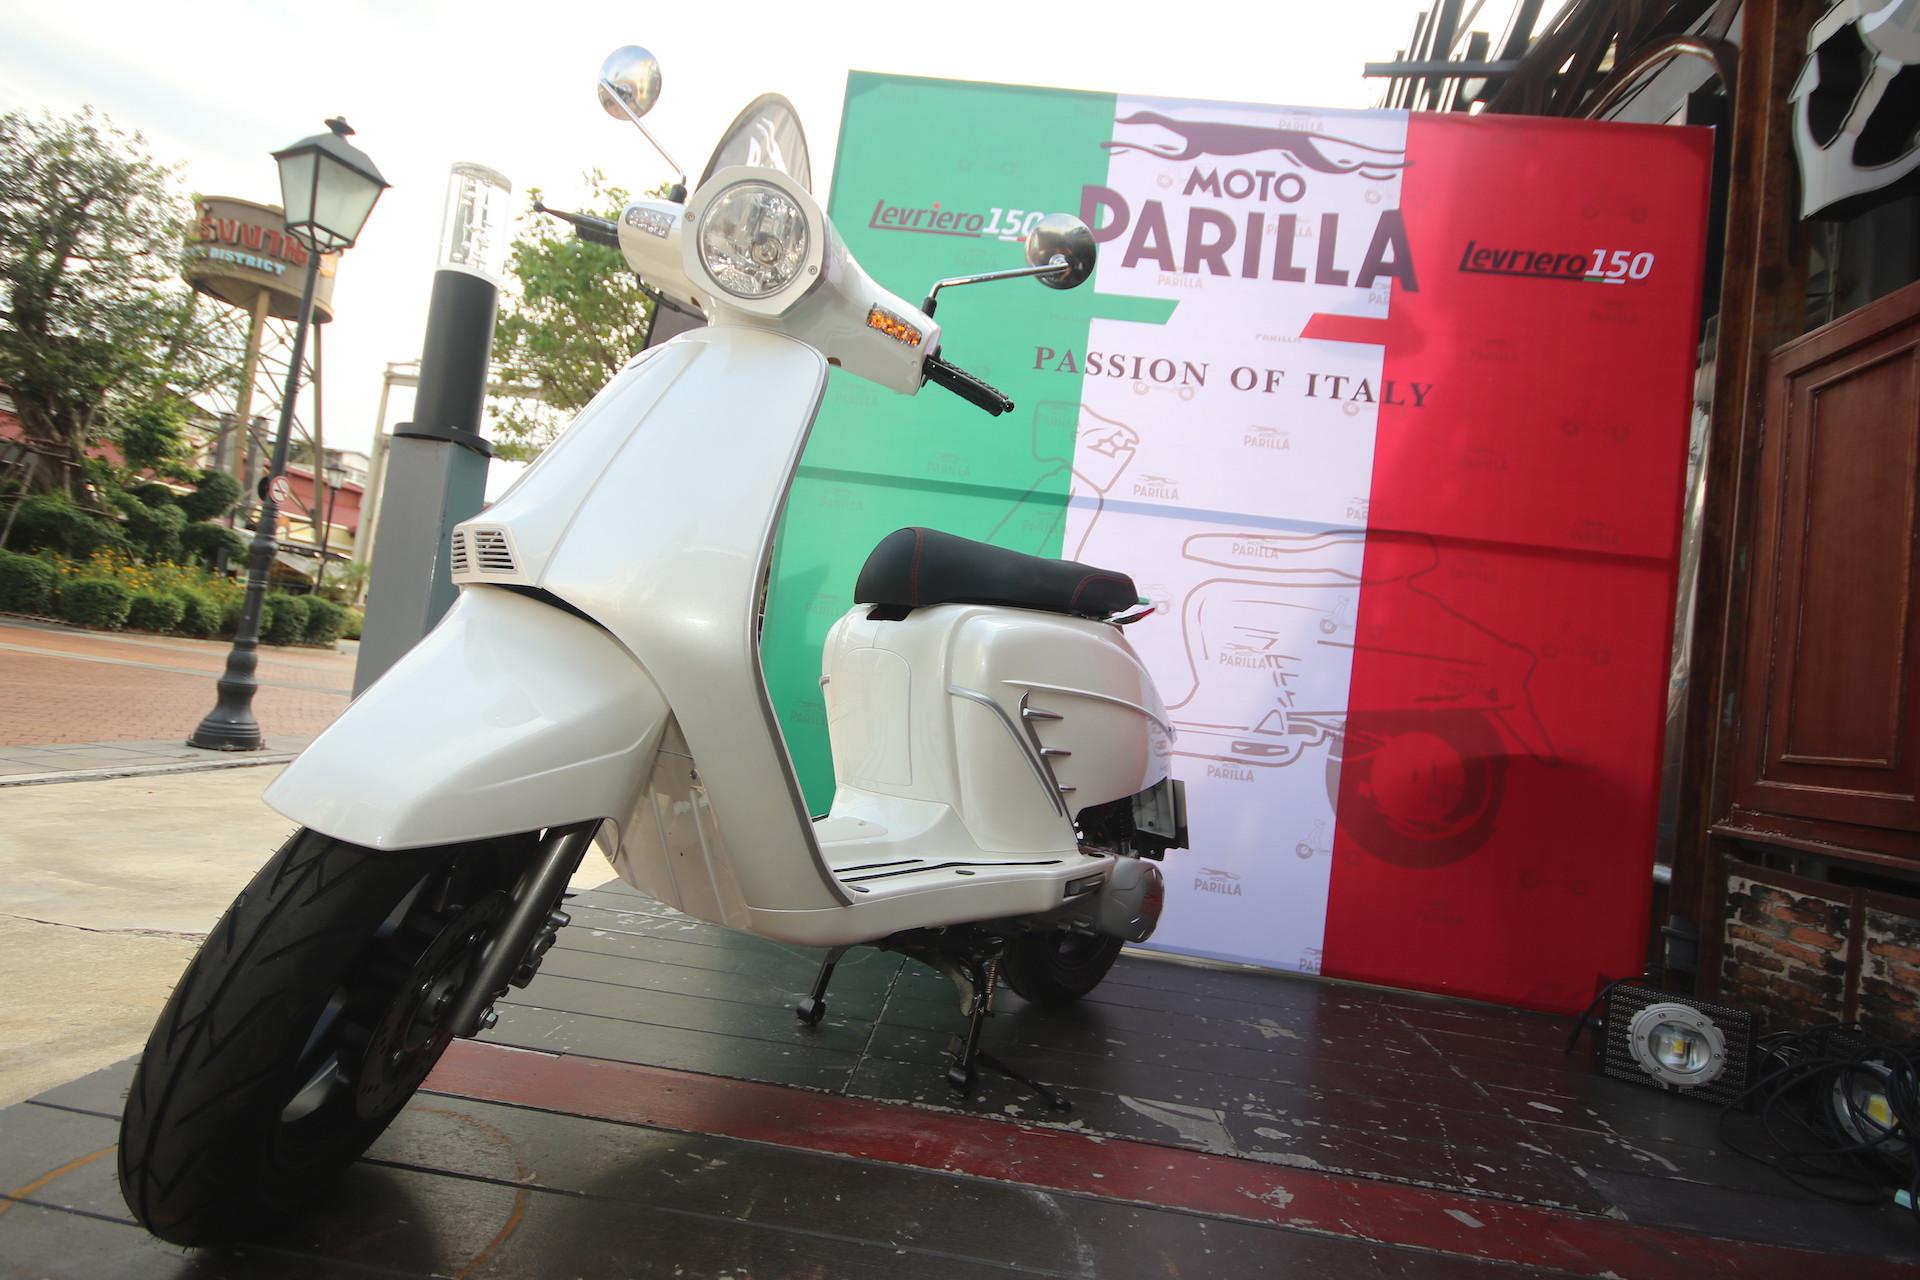 ฟิล์มรัฐภูมิ ลงทุนกว่า 50 ล้านบาท ขึ้นแท่นซีอีโอ ตั้งบริษัทฯ โชว์รูม พรีเมี่ยมสกู๊ตเตอร์คลาสสิคสัญชาติอิตาลี Moto Parilla บุกตลาดให้คนไทย ในราคาที่สัมผัสได้